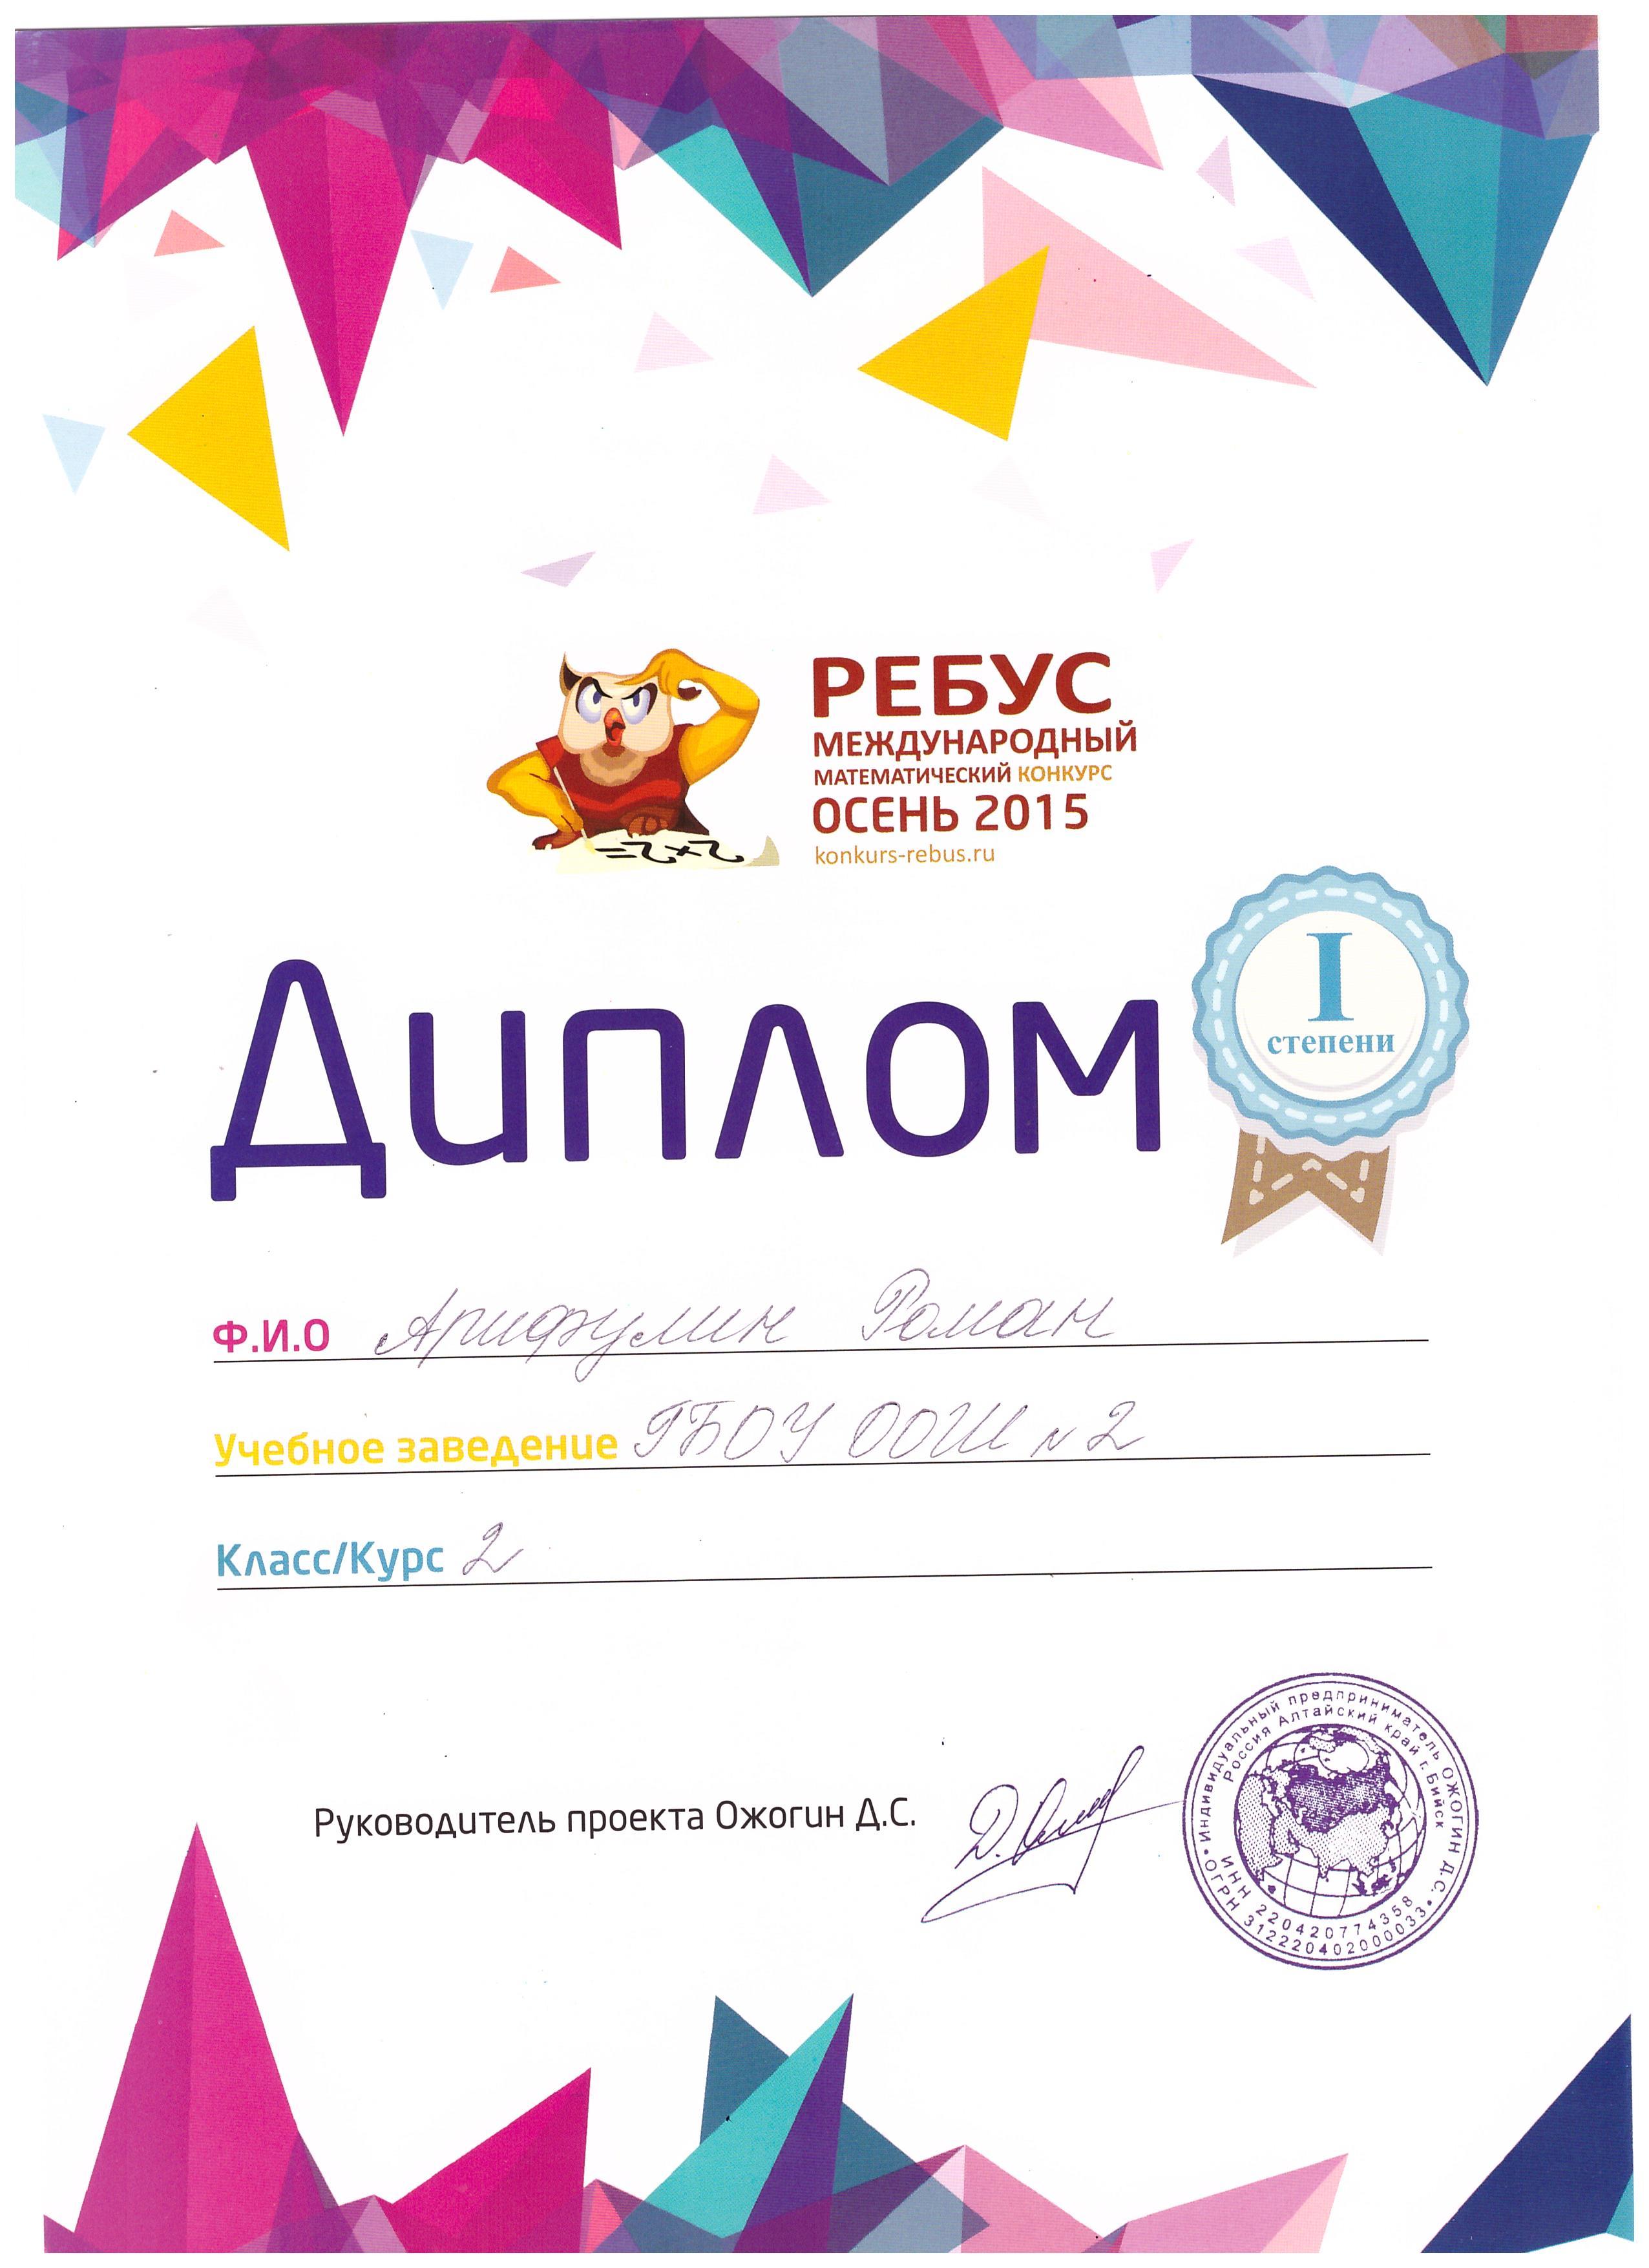 Итоги международного математического конкурса 4